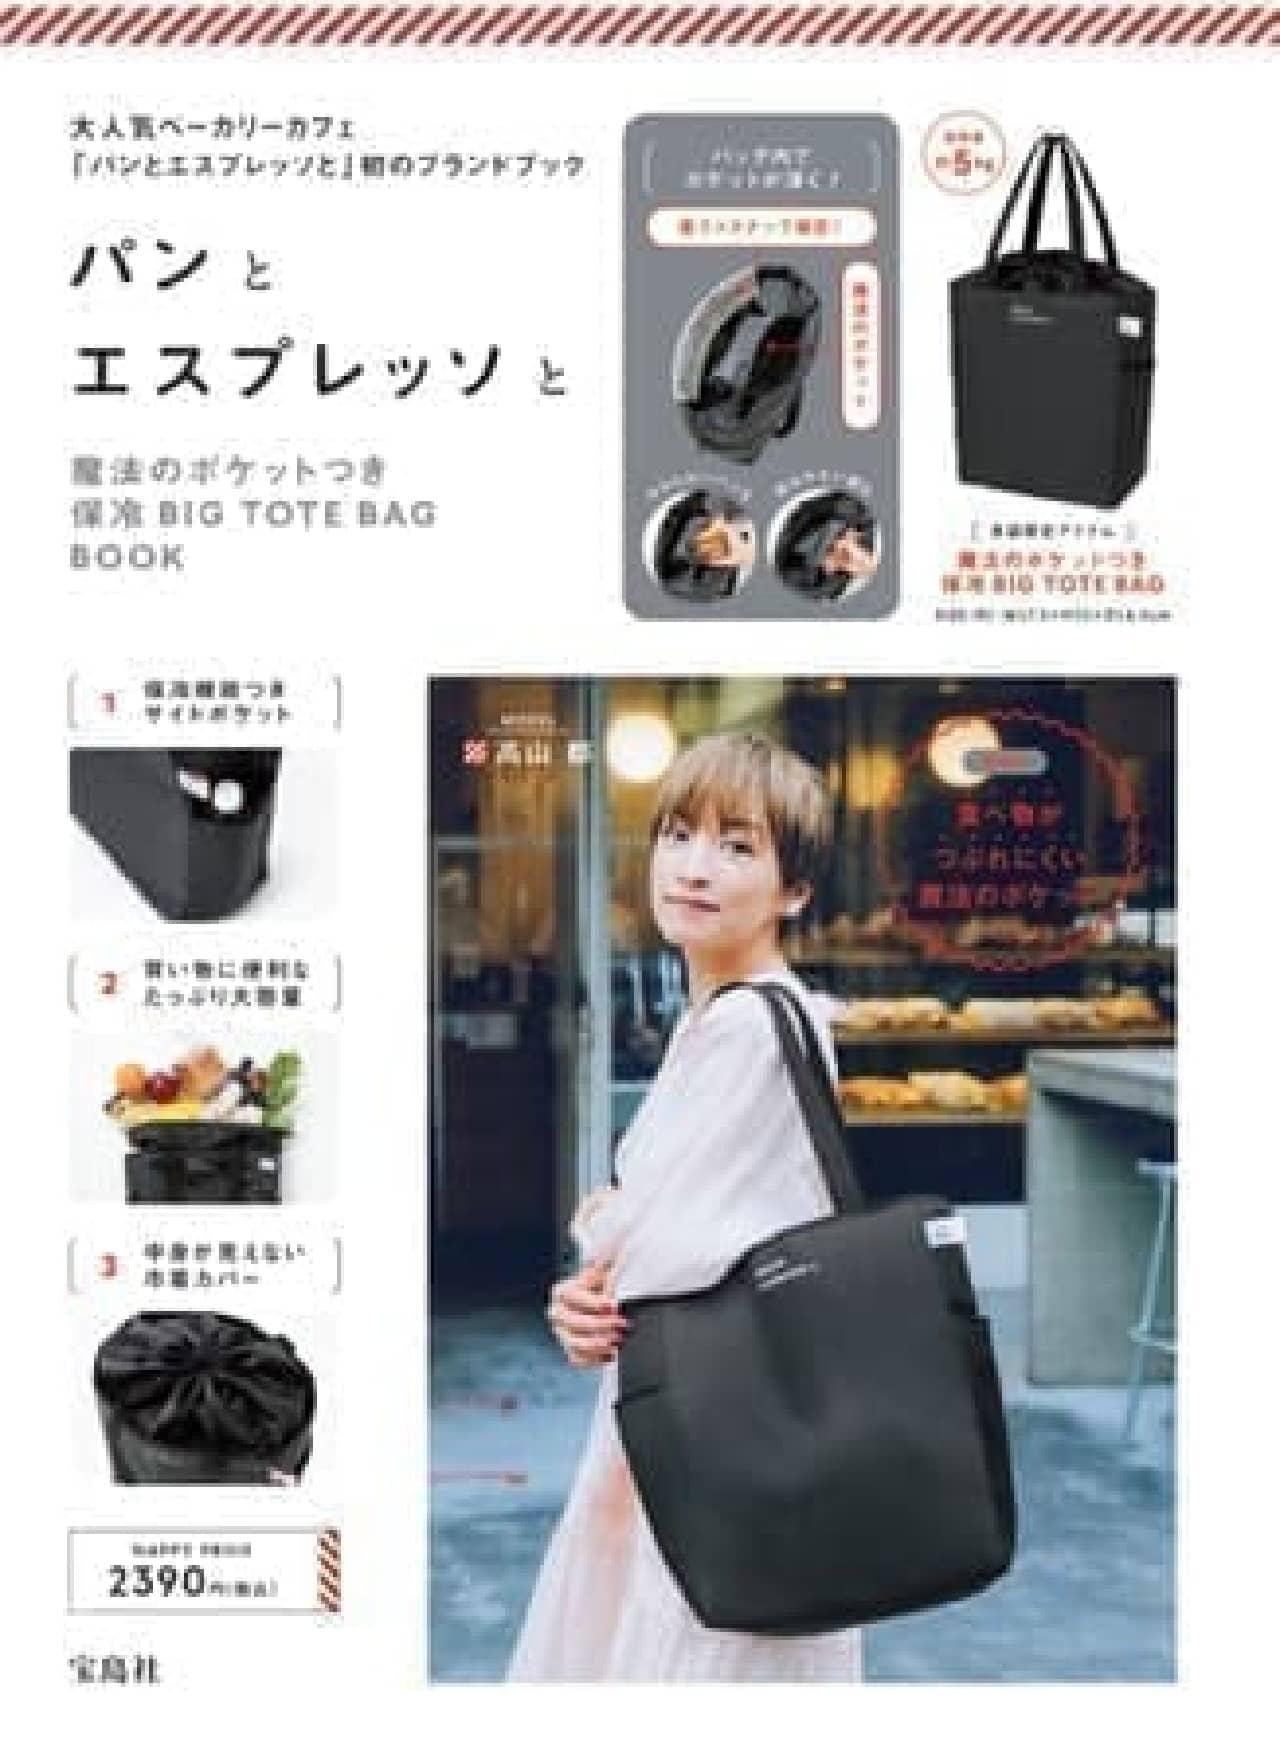 「パンとエスプレッソと」初の公式ブック -- 人気食パン「ムー」も入れやすい保冷バッグ付き